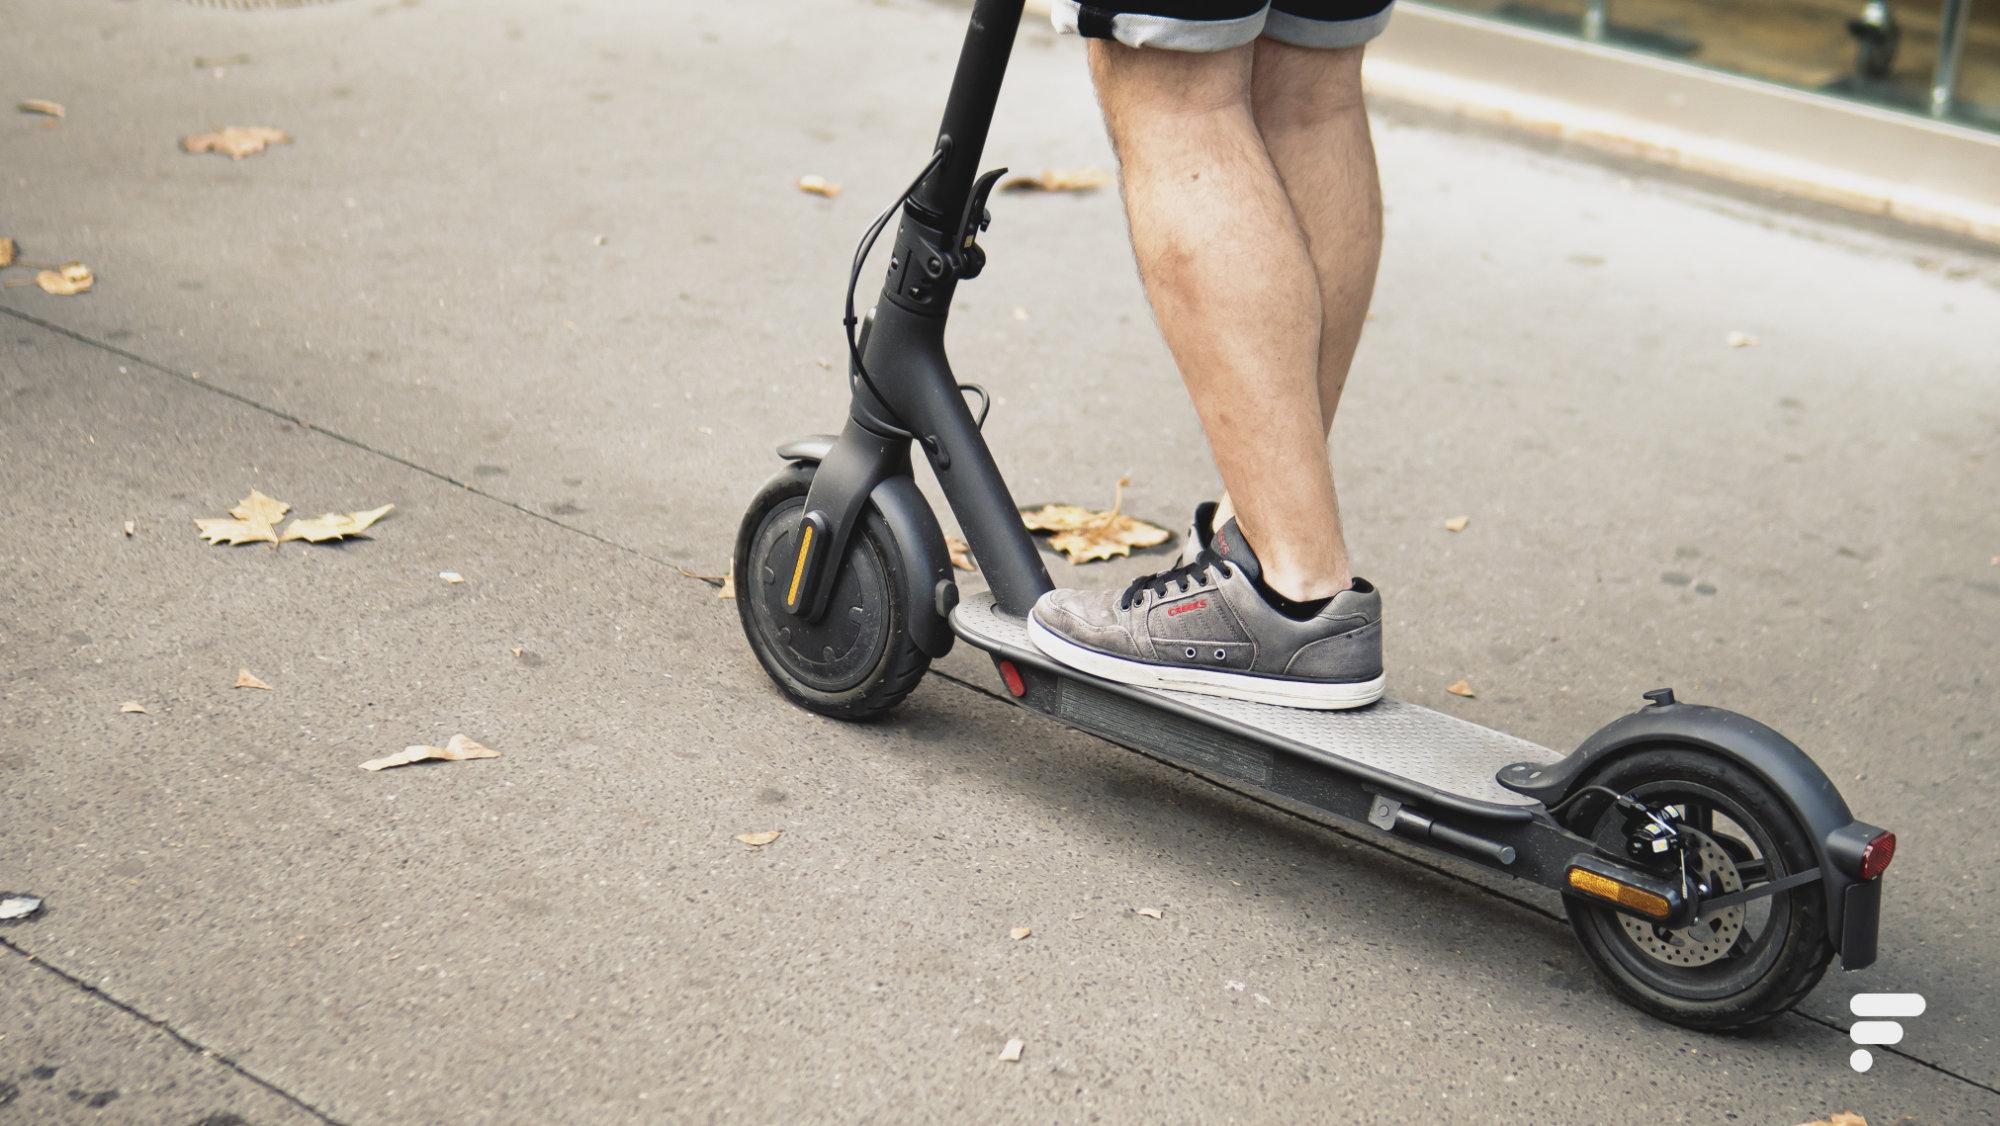 Mi Scooter 1S : la trottinette électrique de Xiaomi perd 150 € de son prix